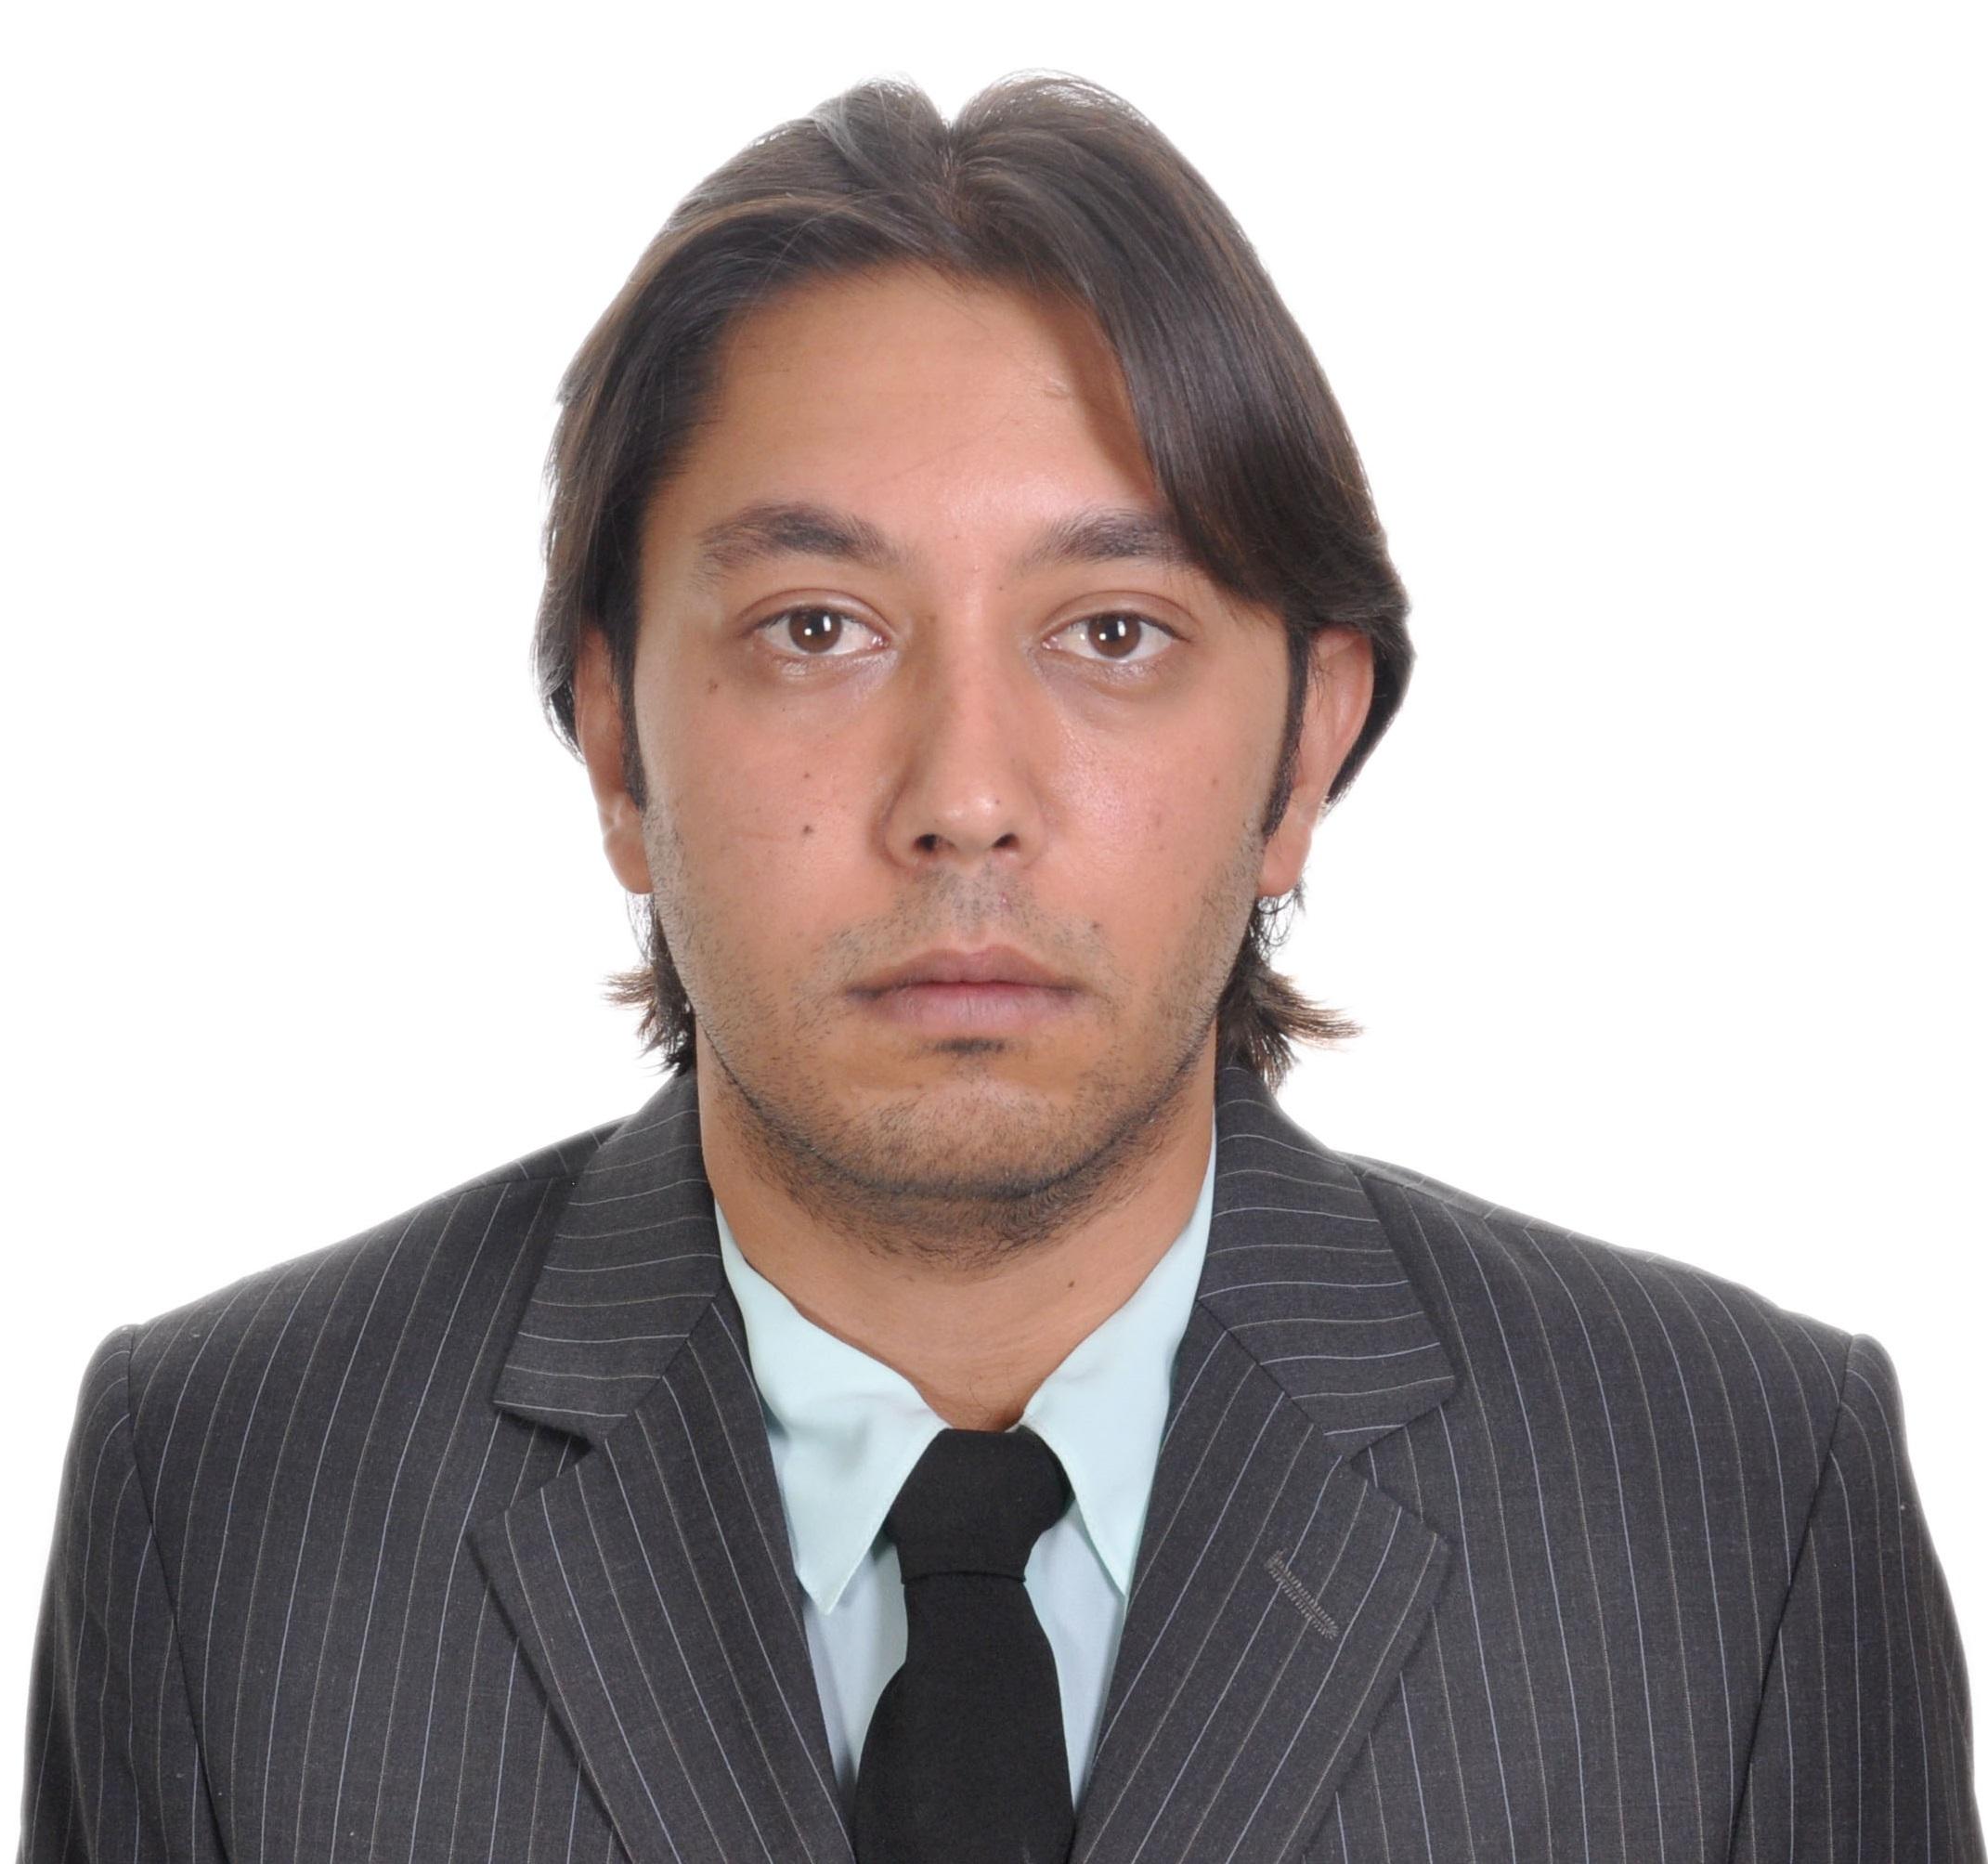 Antony Michel Janoviche